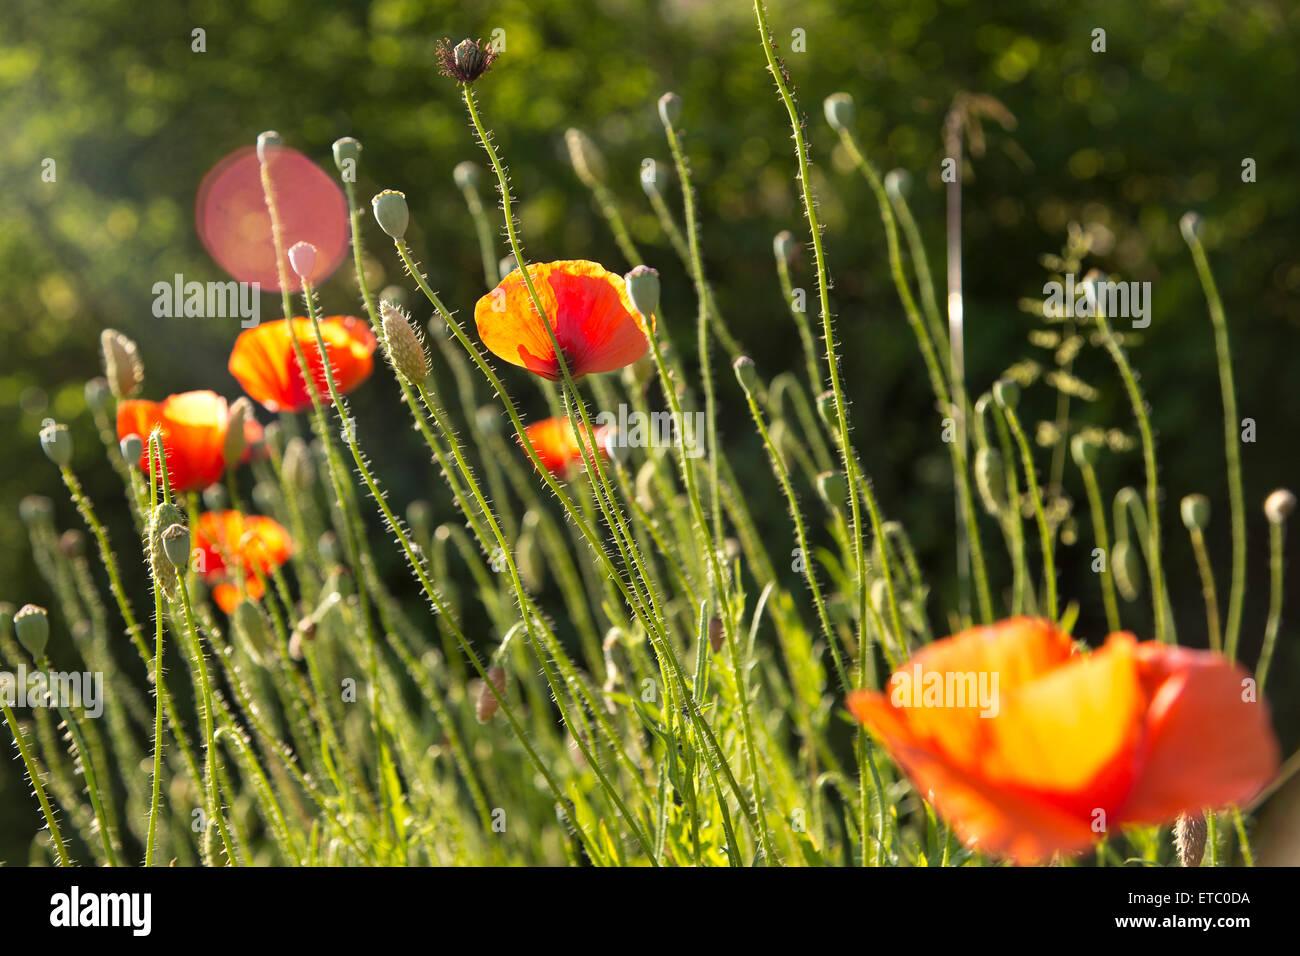 Coquelicots Orange et les tiges florales s'élèvent vers le soleil avec des reflets. Banque D'Images